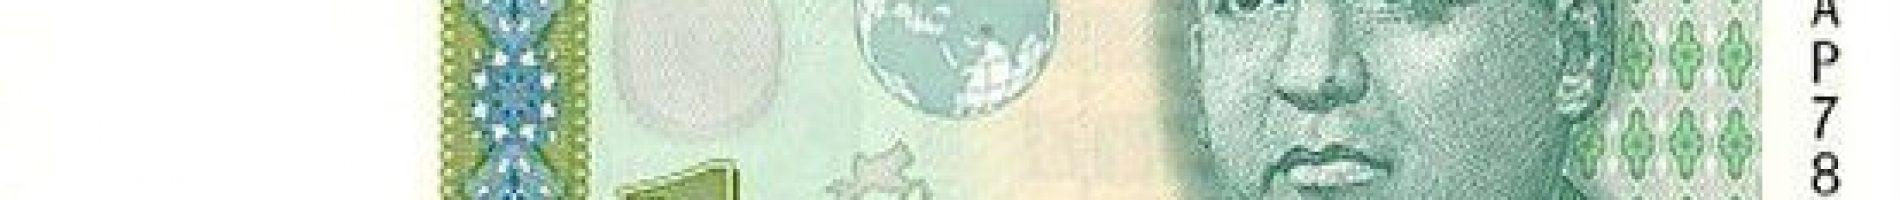 Somonitayiko dinero tayikistan